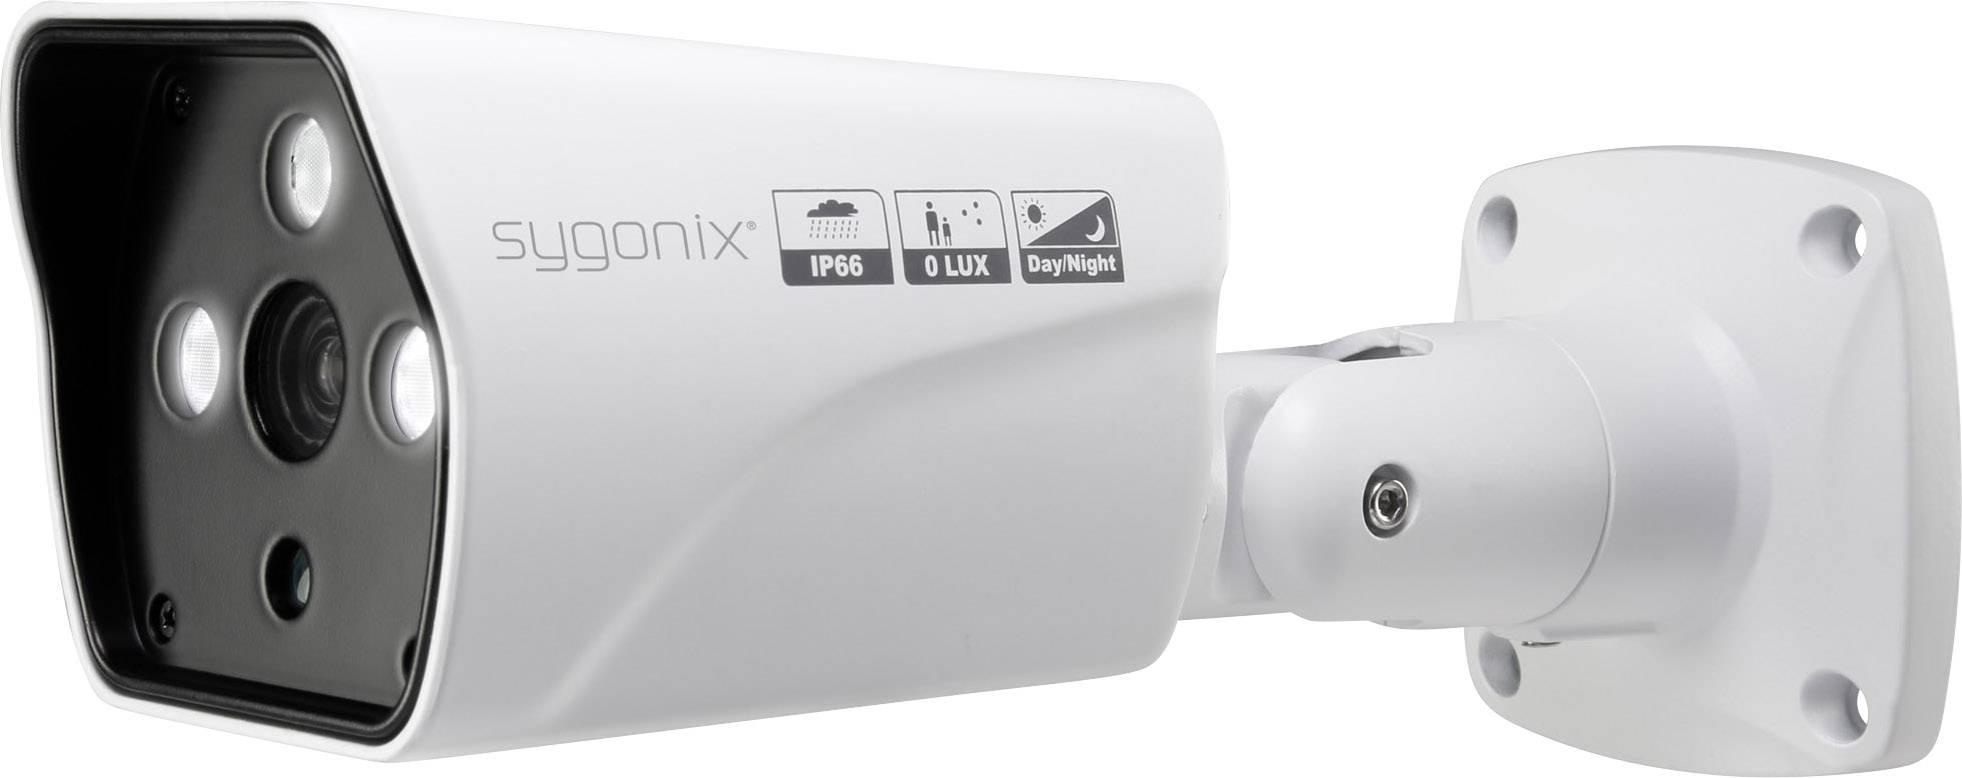 Bezpečnostná kamera Sygonix HDA-281B, 6 mm